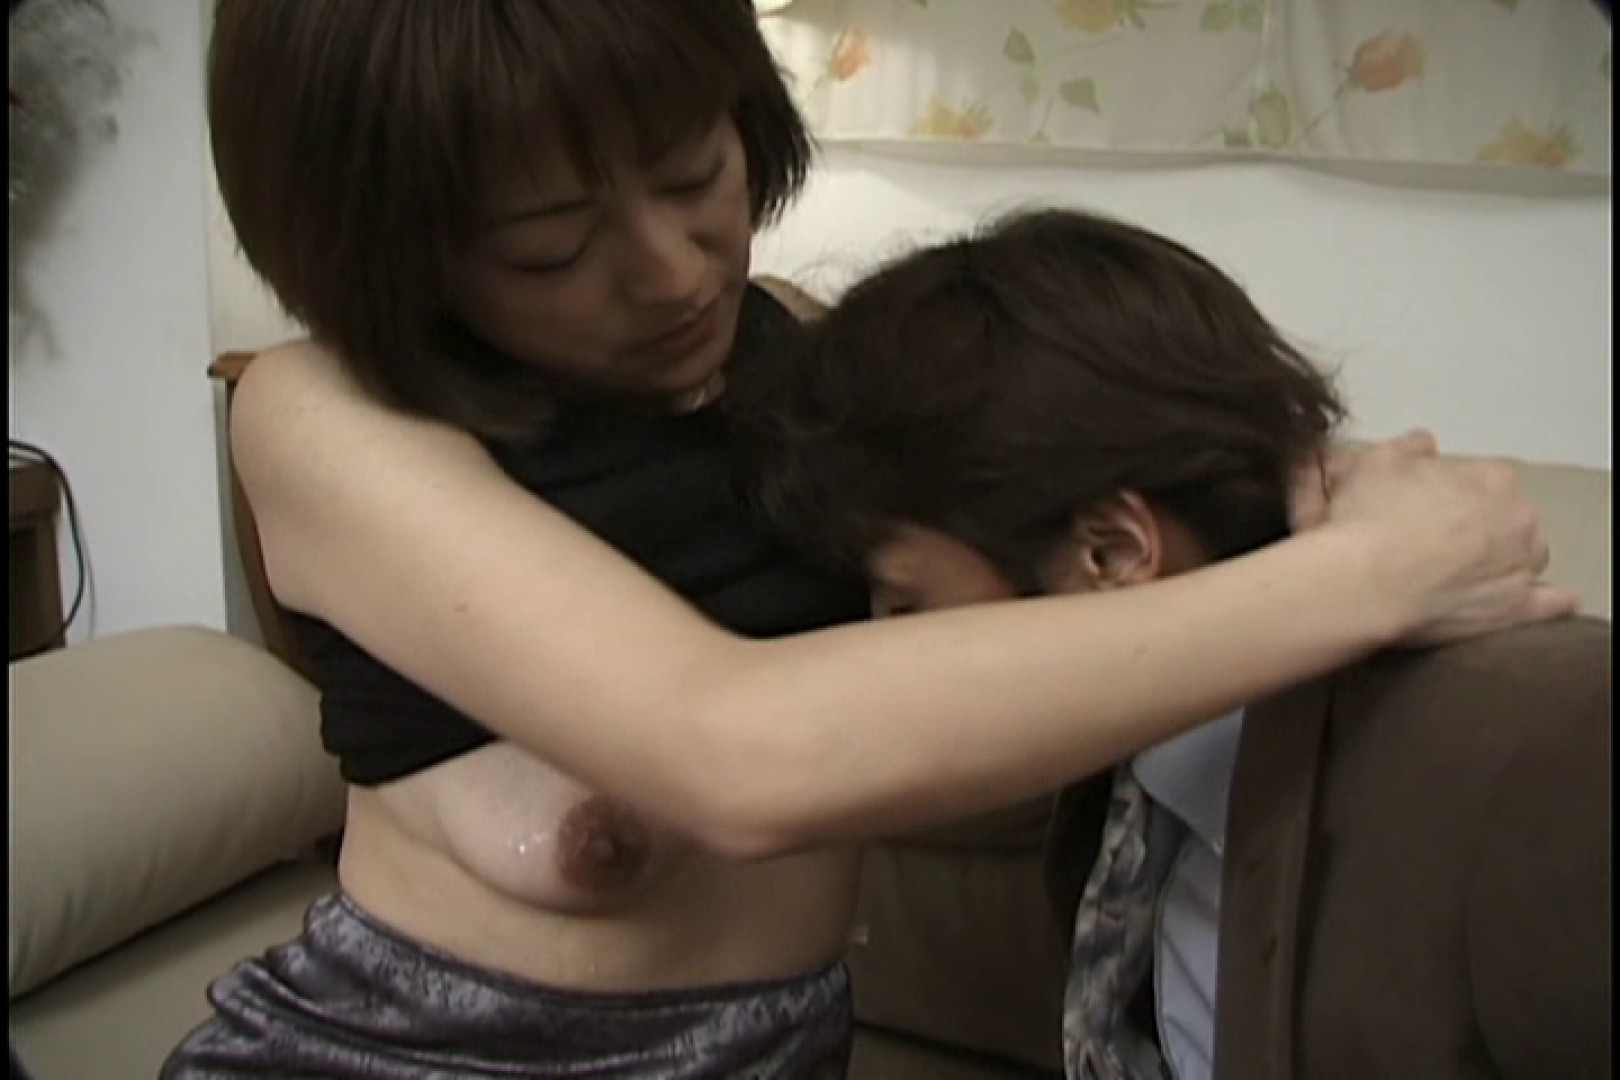 昼間の奥様は欲求不満 ~石川麻紀~ 熟女 | マンコ特集  65連発 43